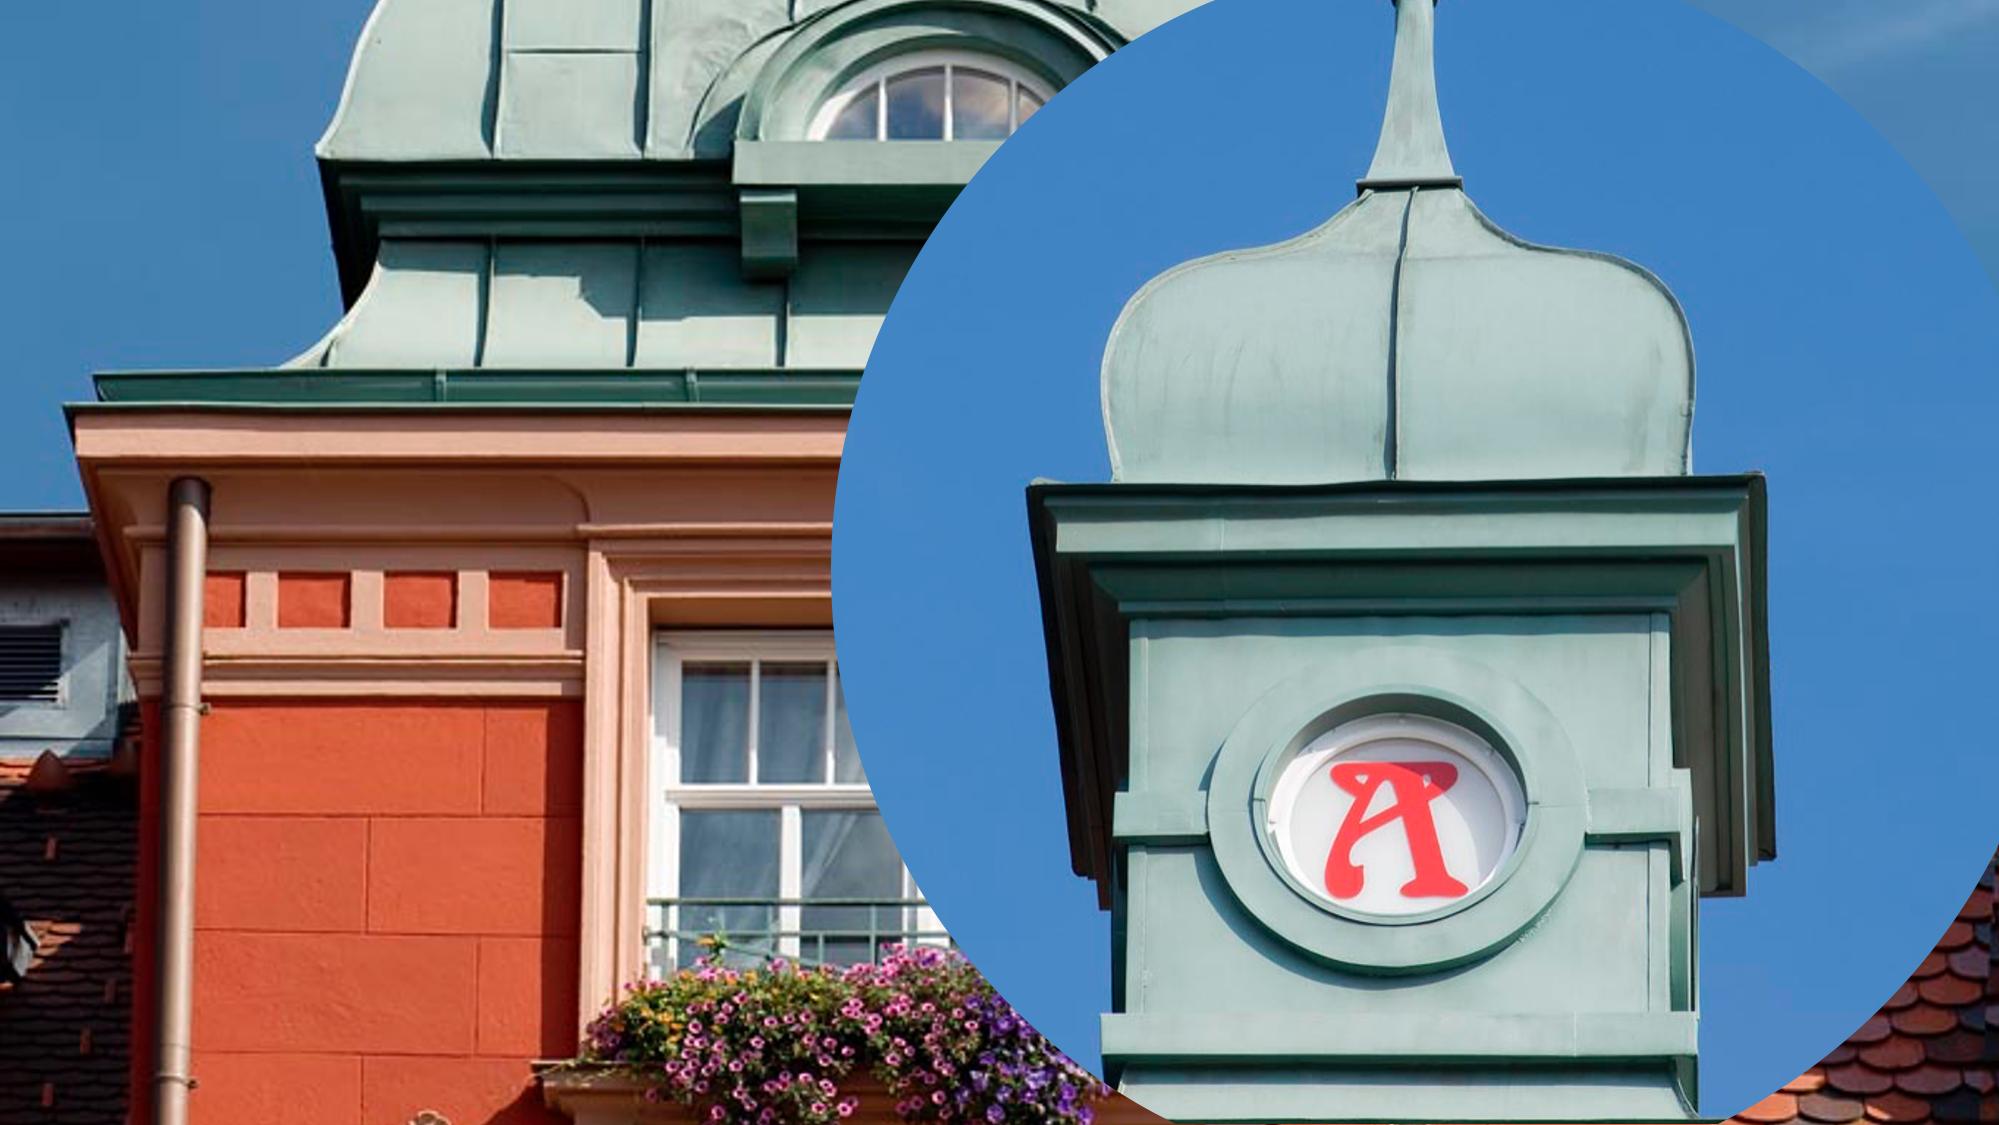 Apotheke Haus Bild 2 mit Apothekenzeichen